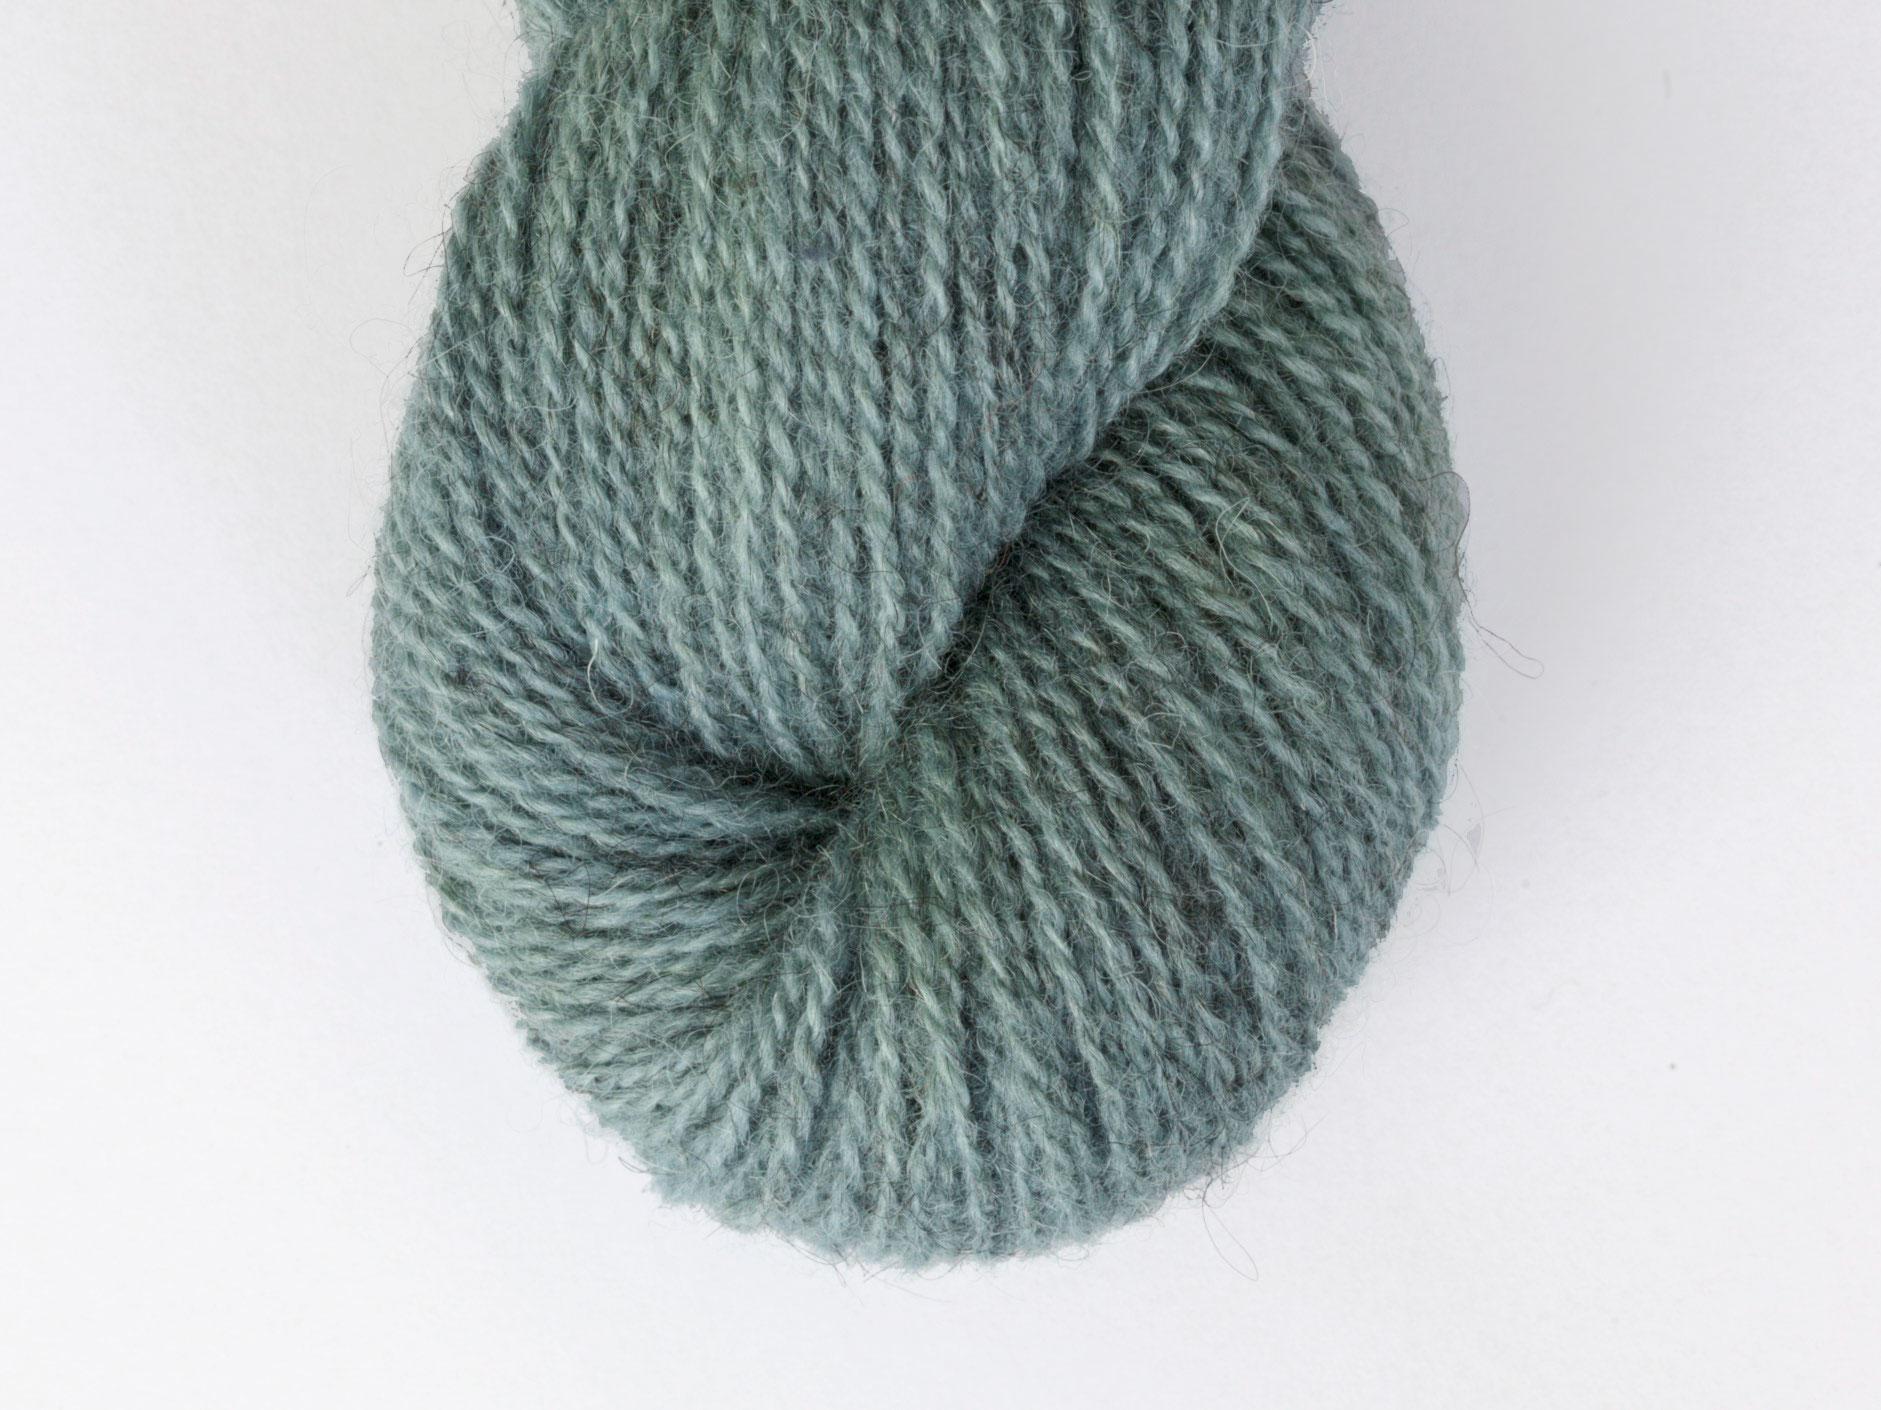 Bohus Stickning garn yarn BS 68 turquoise